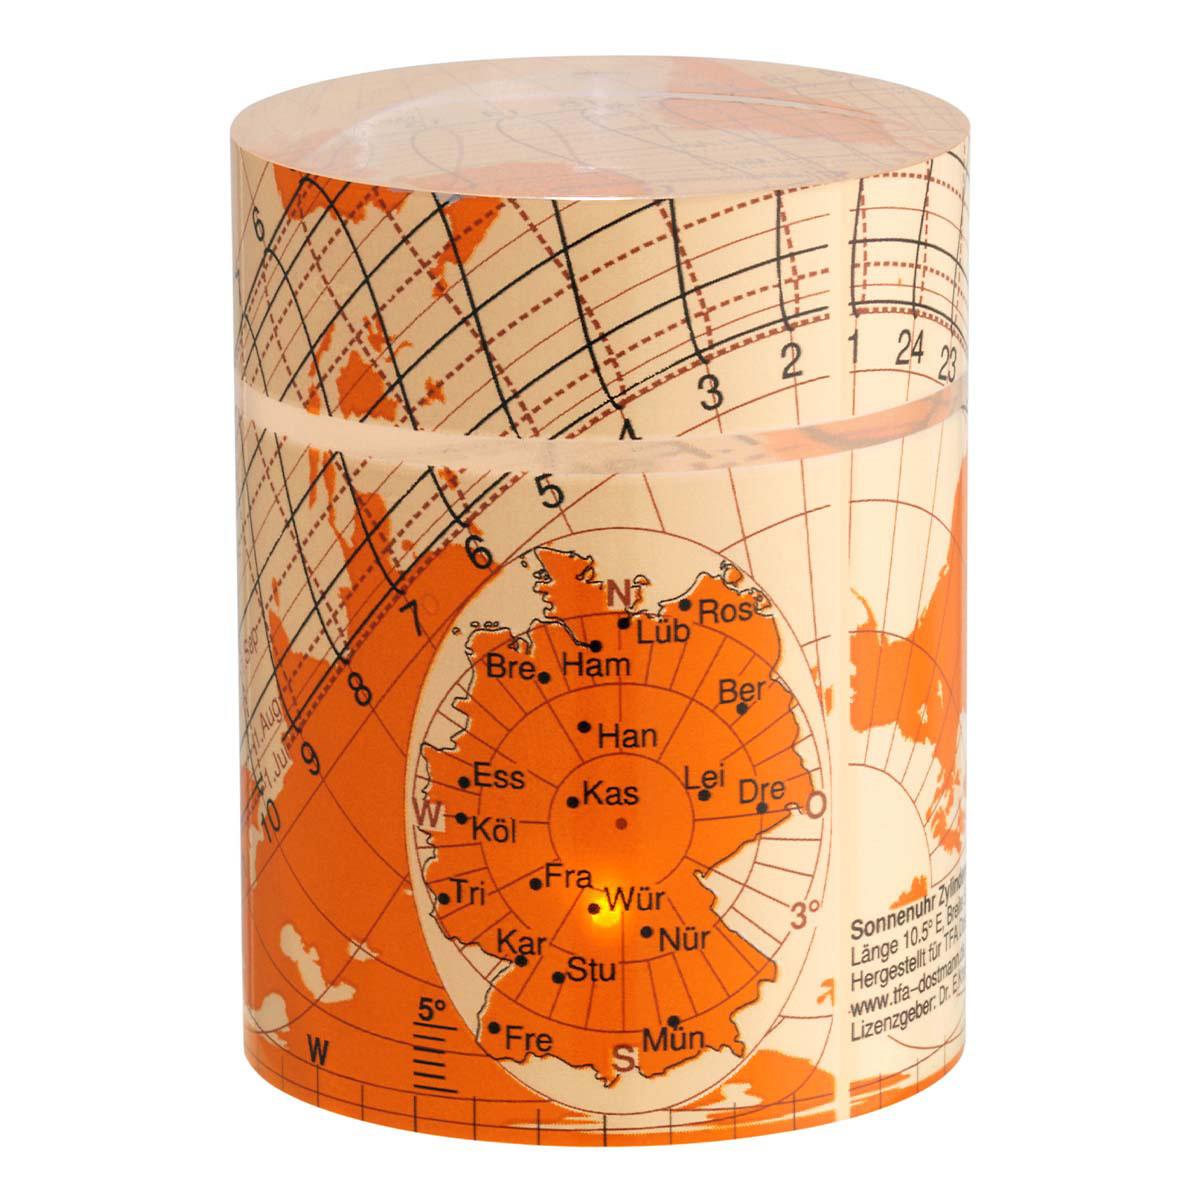 43-4000-13-zylinder-sonnenuhr-solemio-ansicht-1200x1200px.jpg